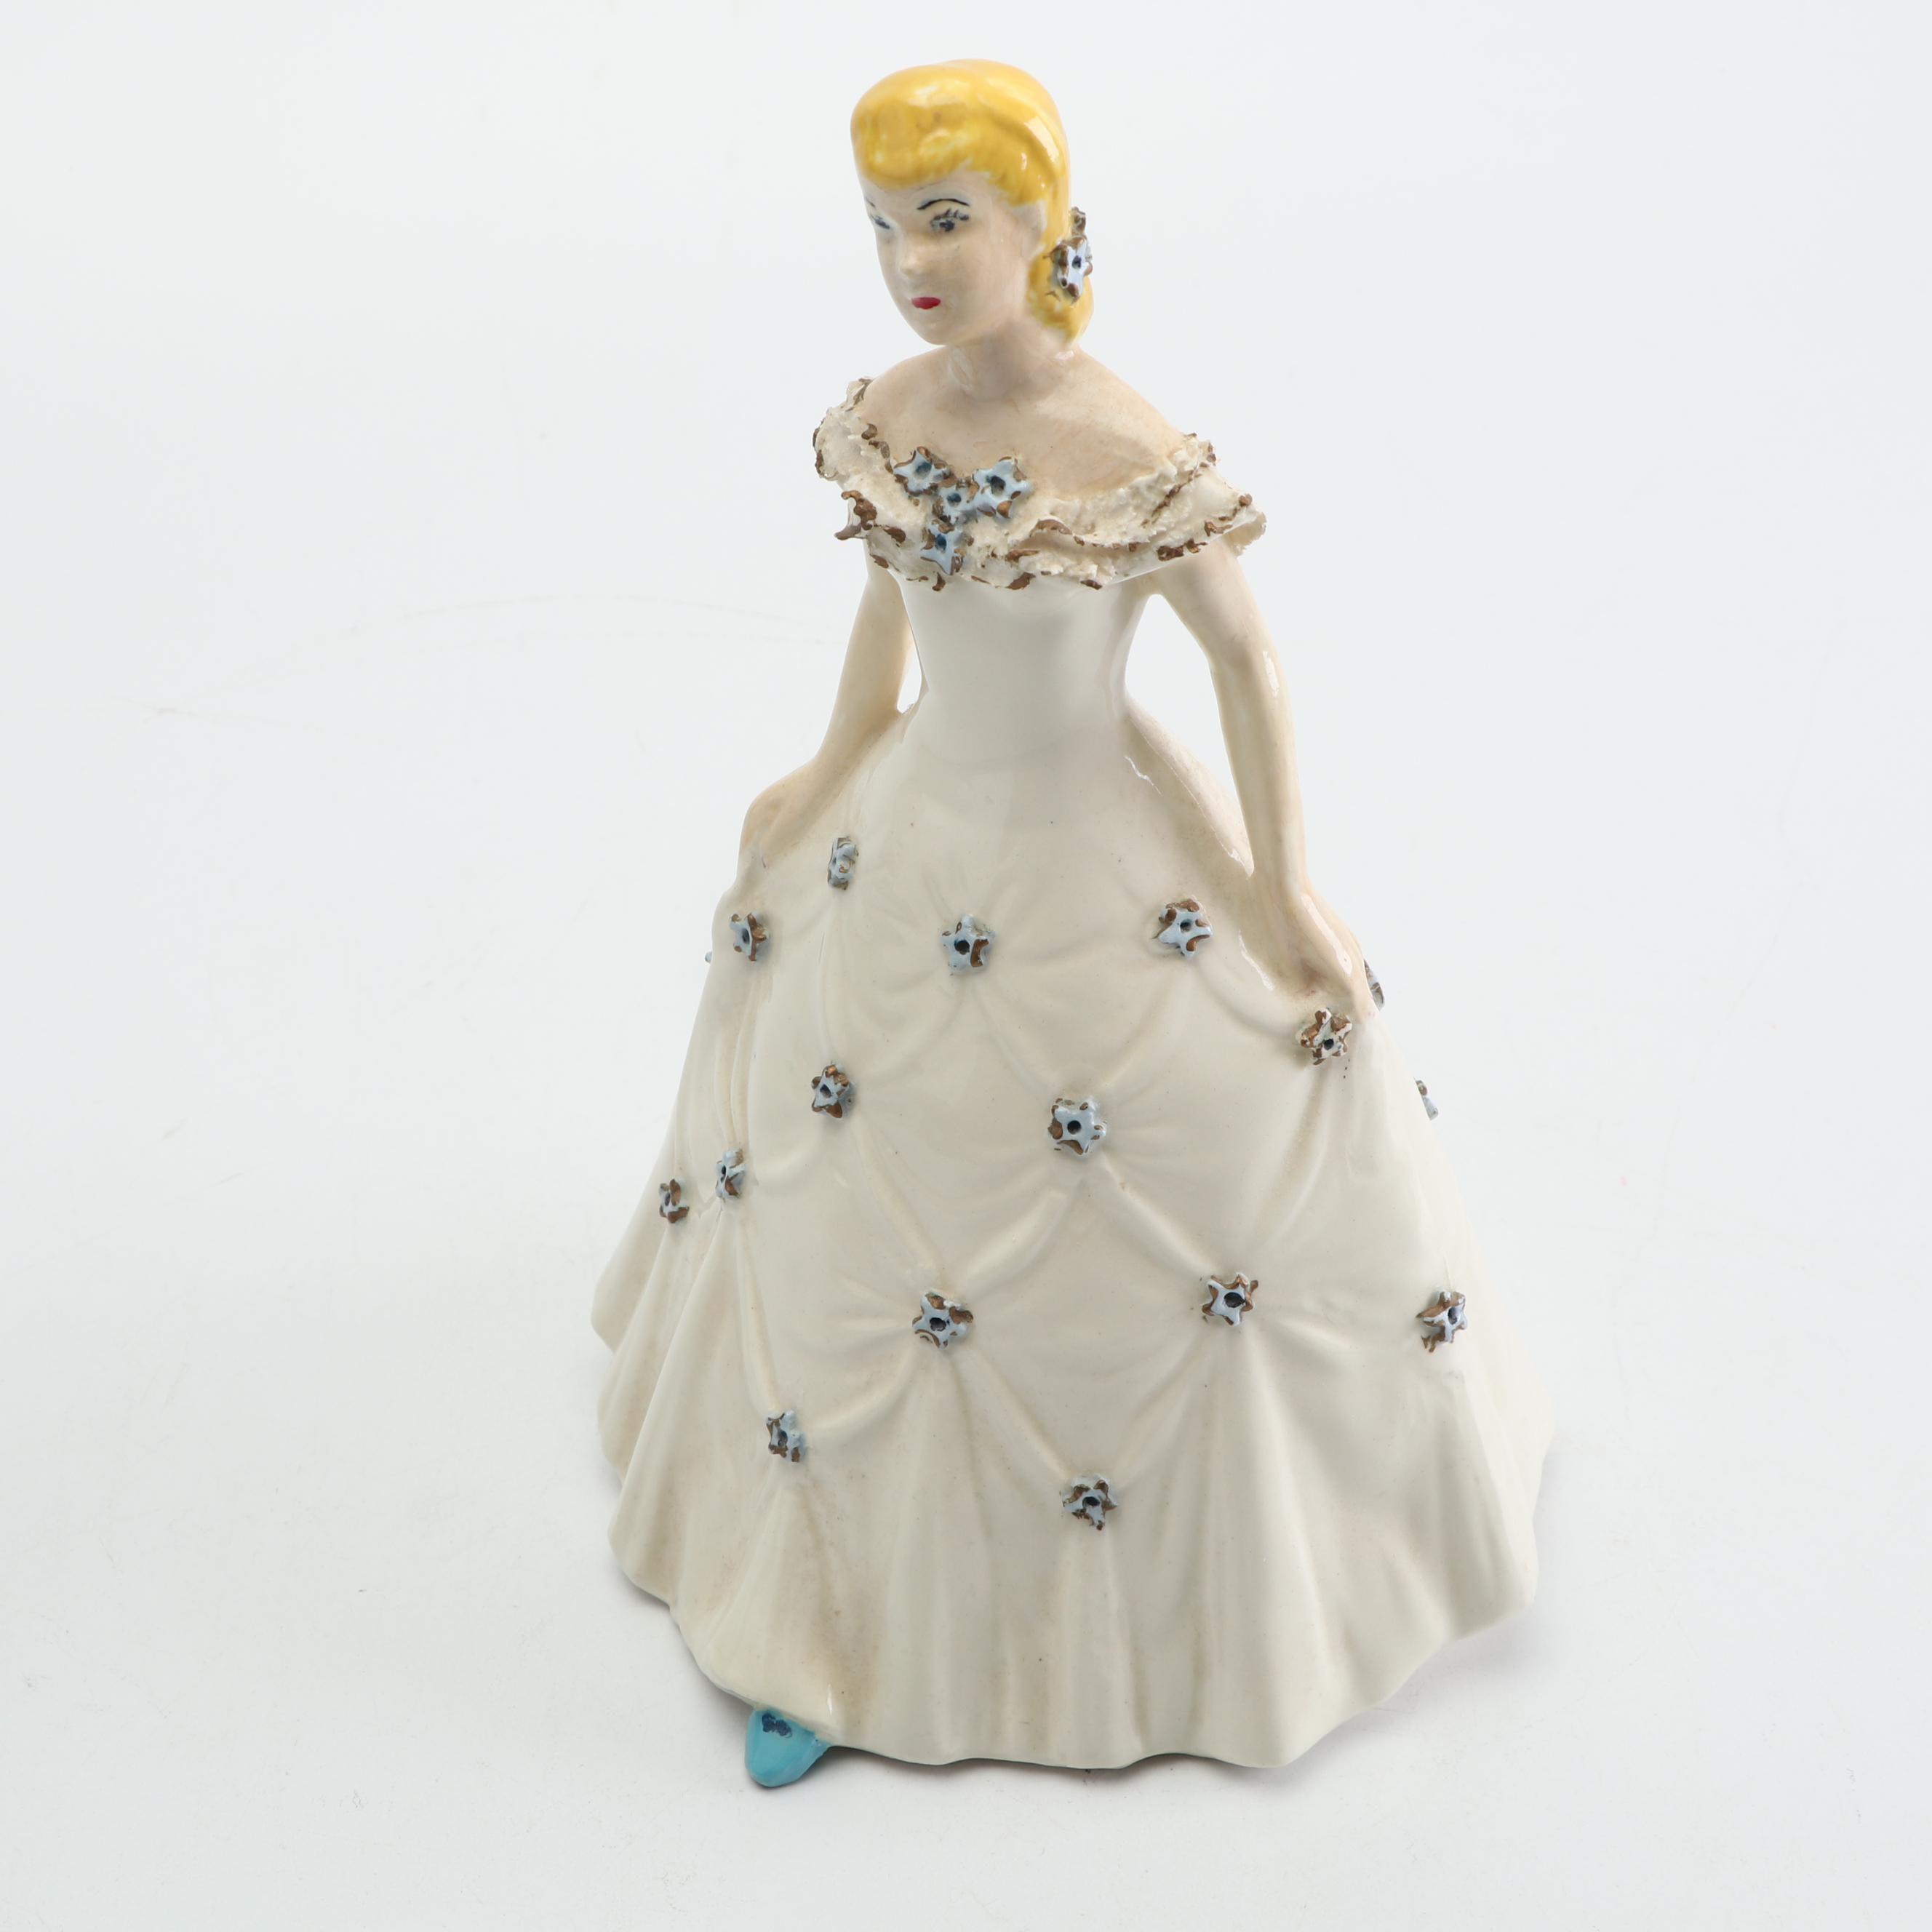 Vintage Hobbyist Hand-Painted Ceramic Figurine